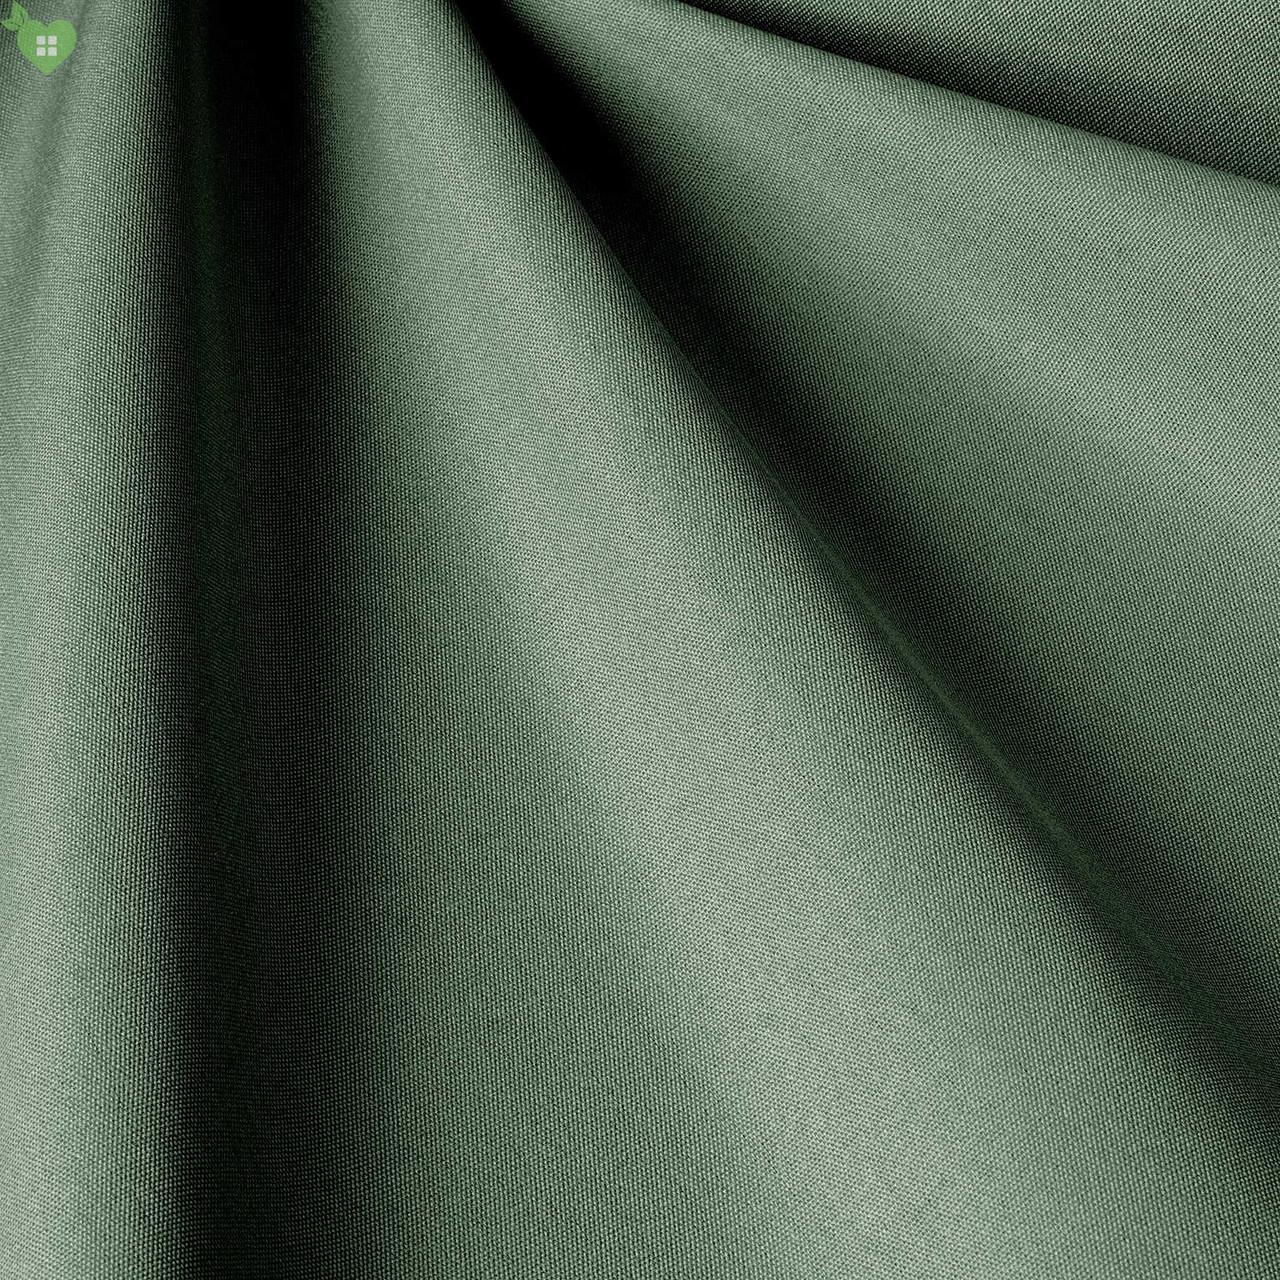 Однотонная уличная ткань темно-зеленого цвета Испания 83408v35